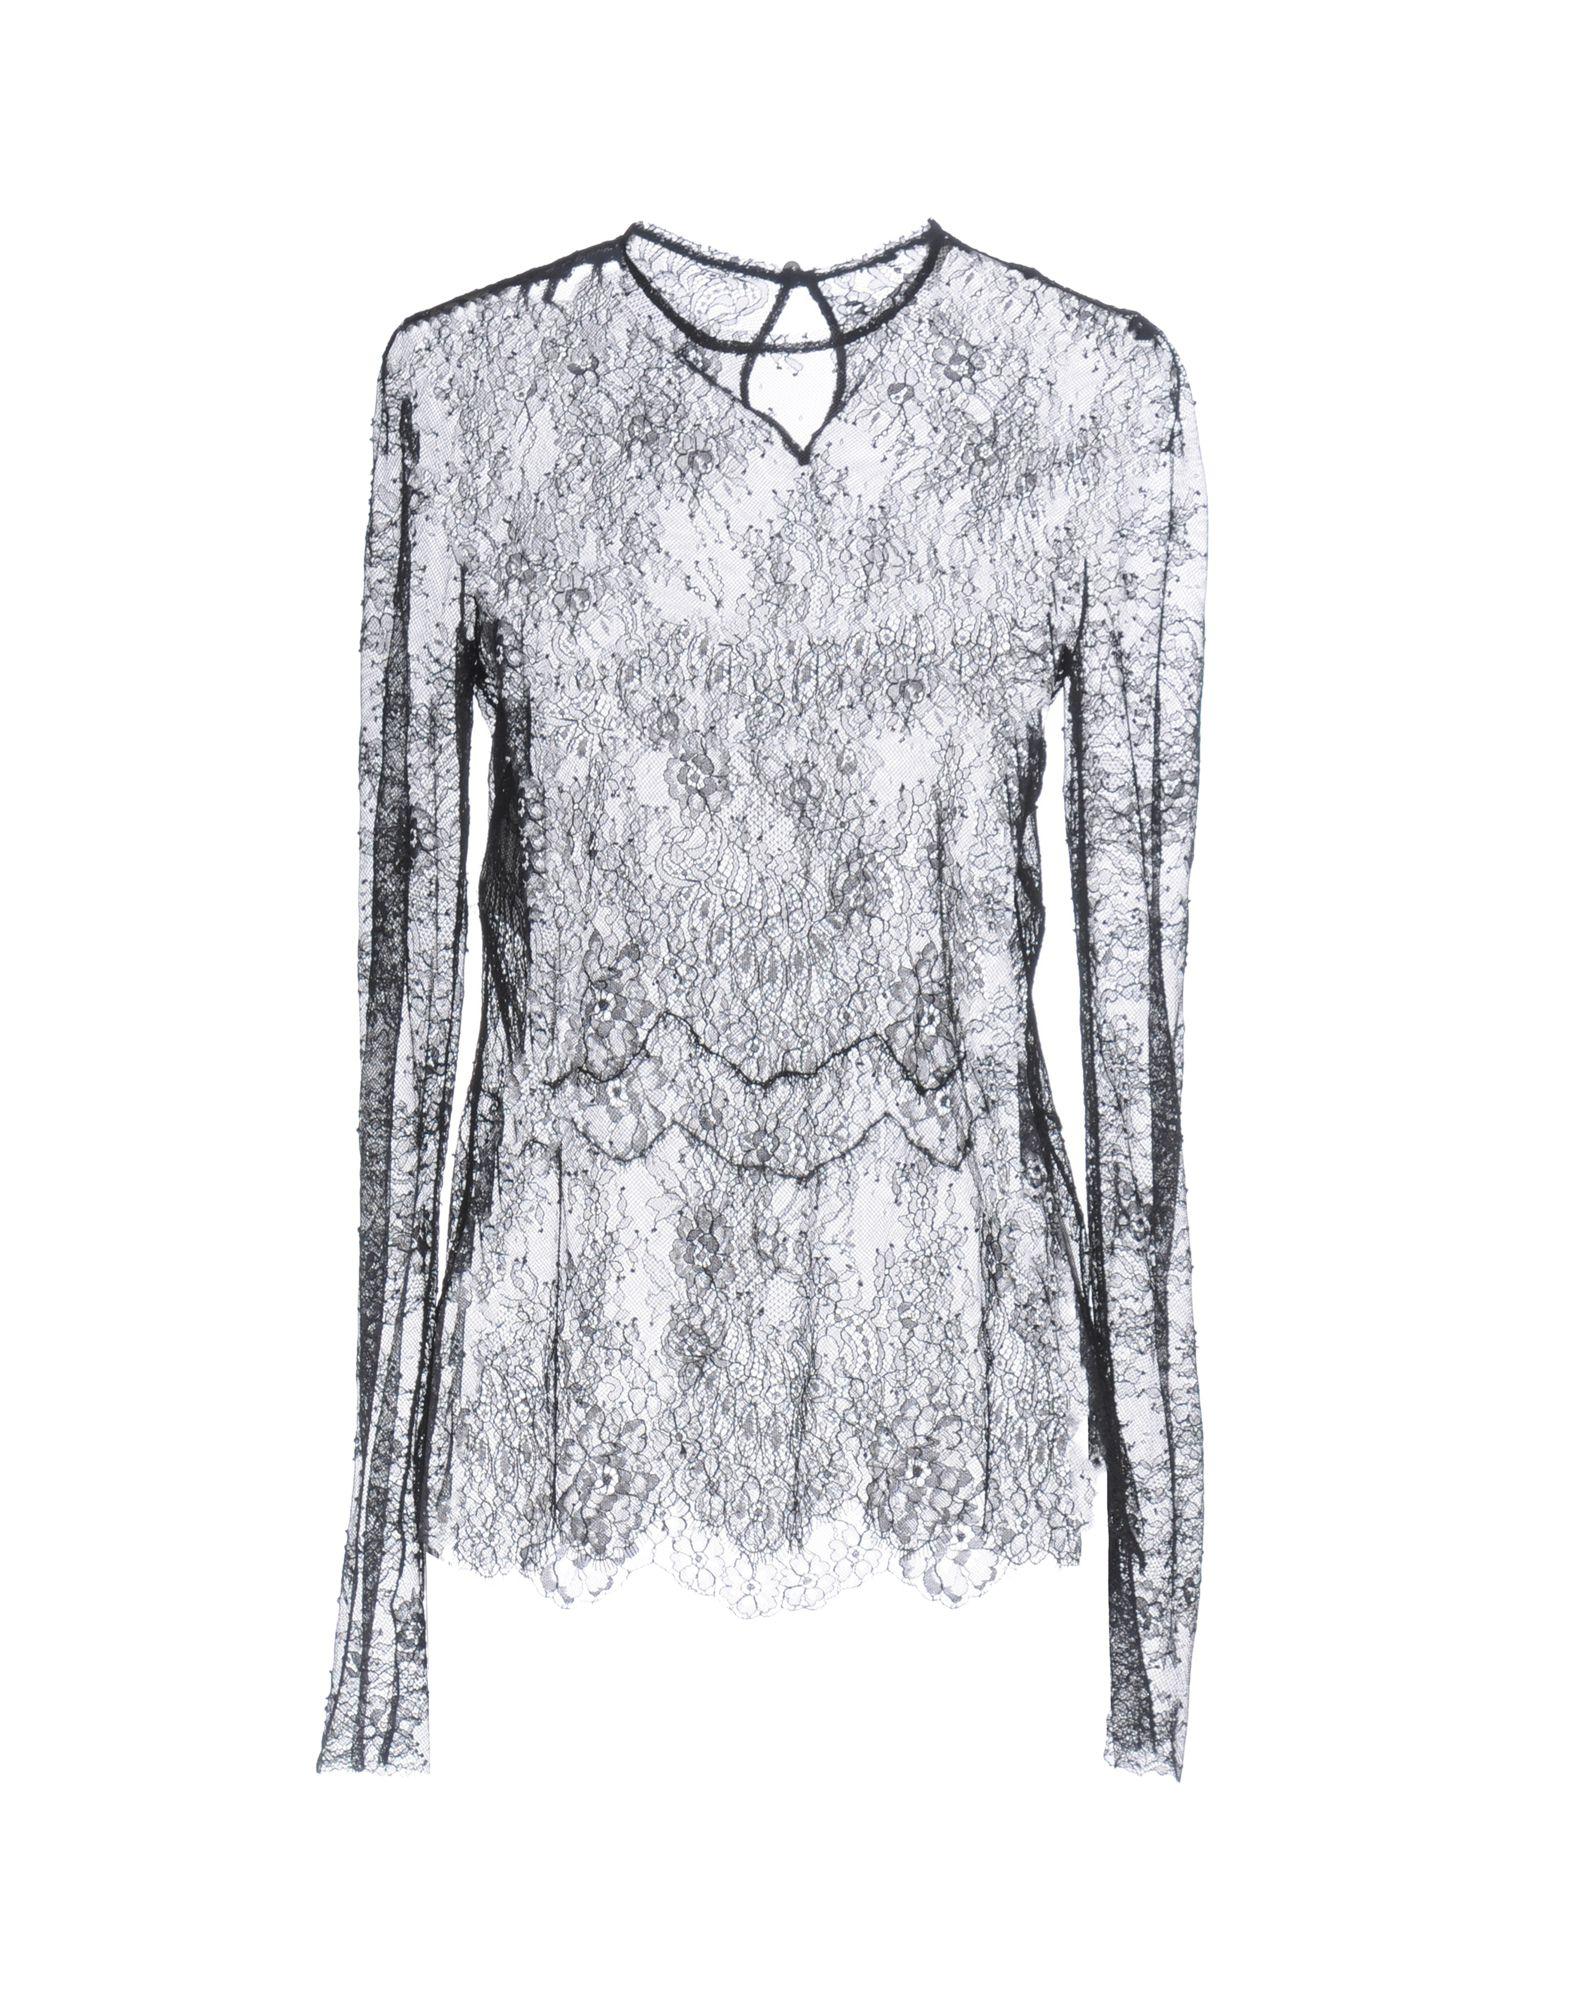 PHILOSOPHY di LORENZO SERAFINI Damen Bluse Farbe Schwarz Größe 5